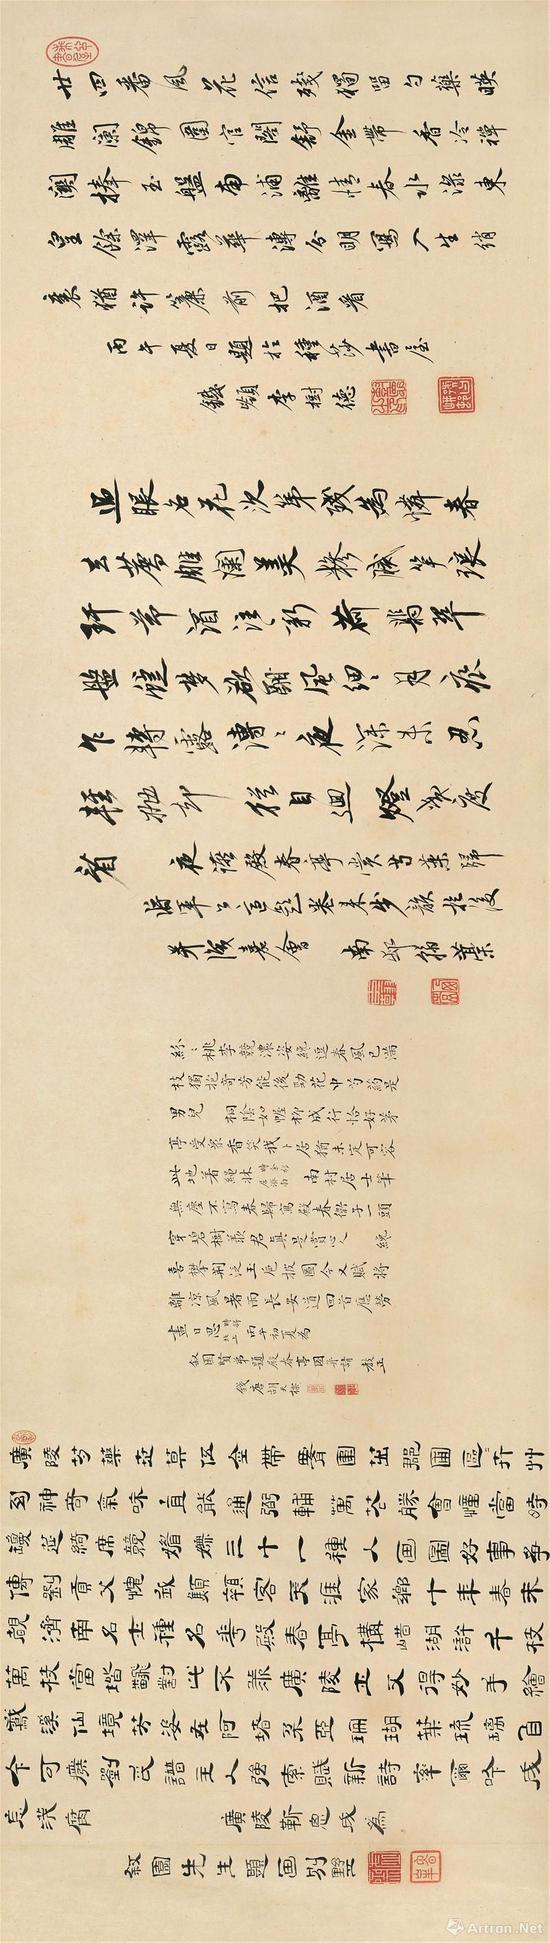 高凤翰 《殿春亭图》卷 36×434.5cm 绢本设色